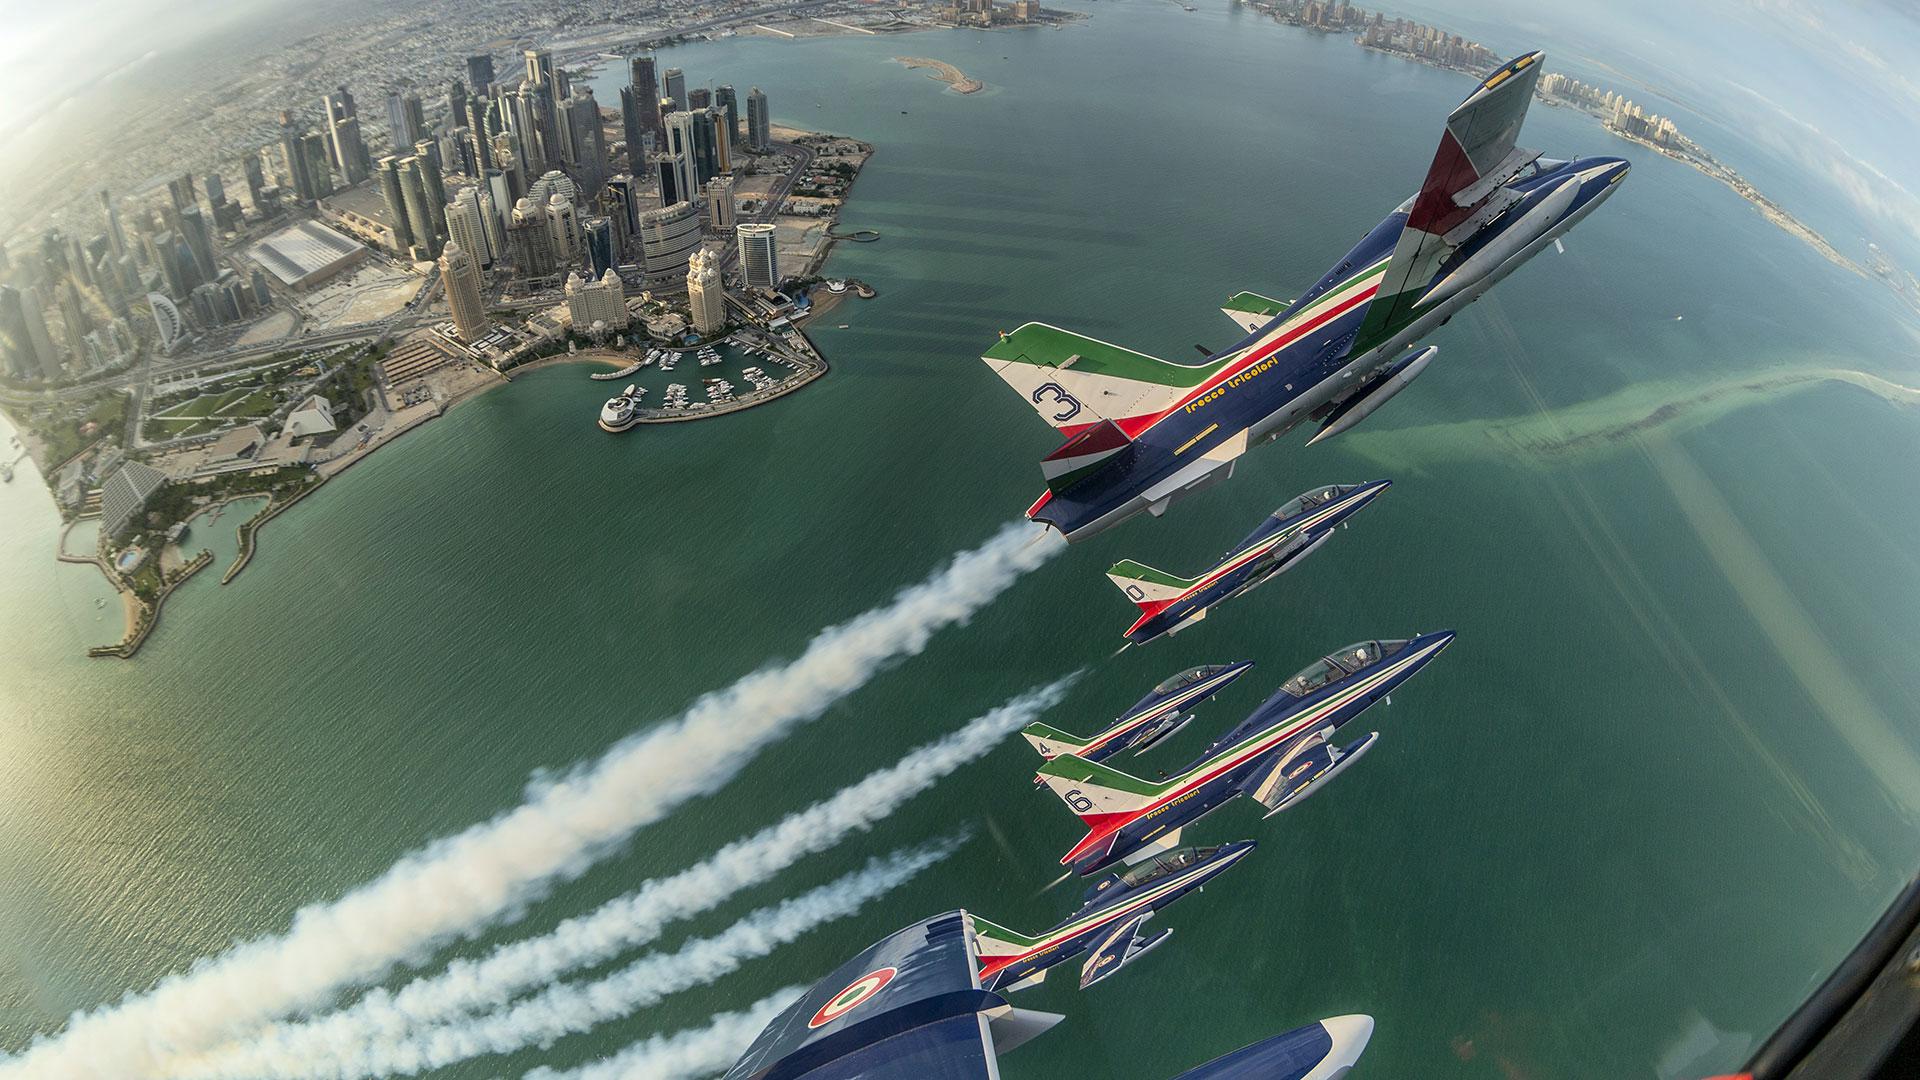 frecce-tricolori-60-anni-pan-pattuglia-acrobatica-nazionale-aeronautica-militare-(5)